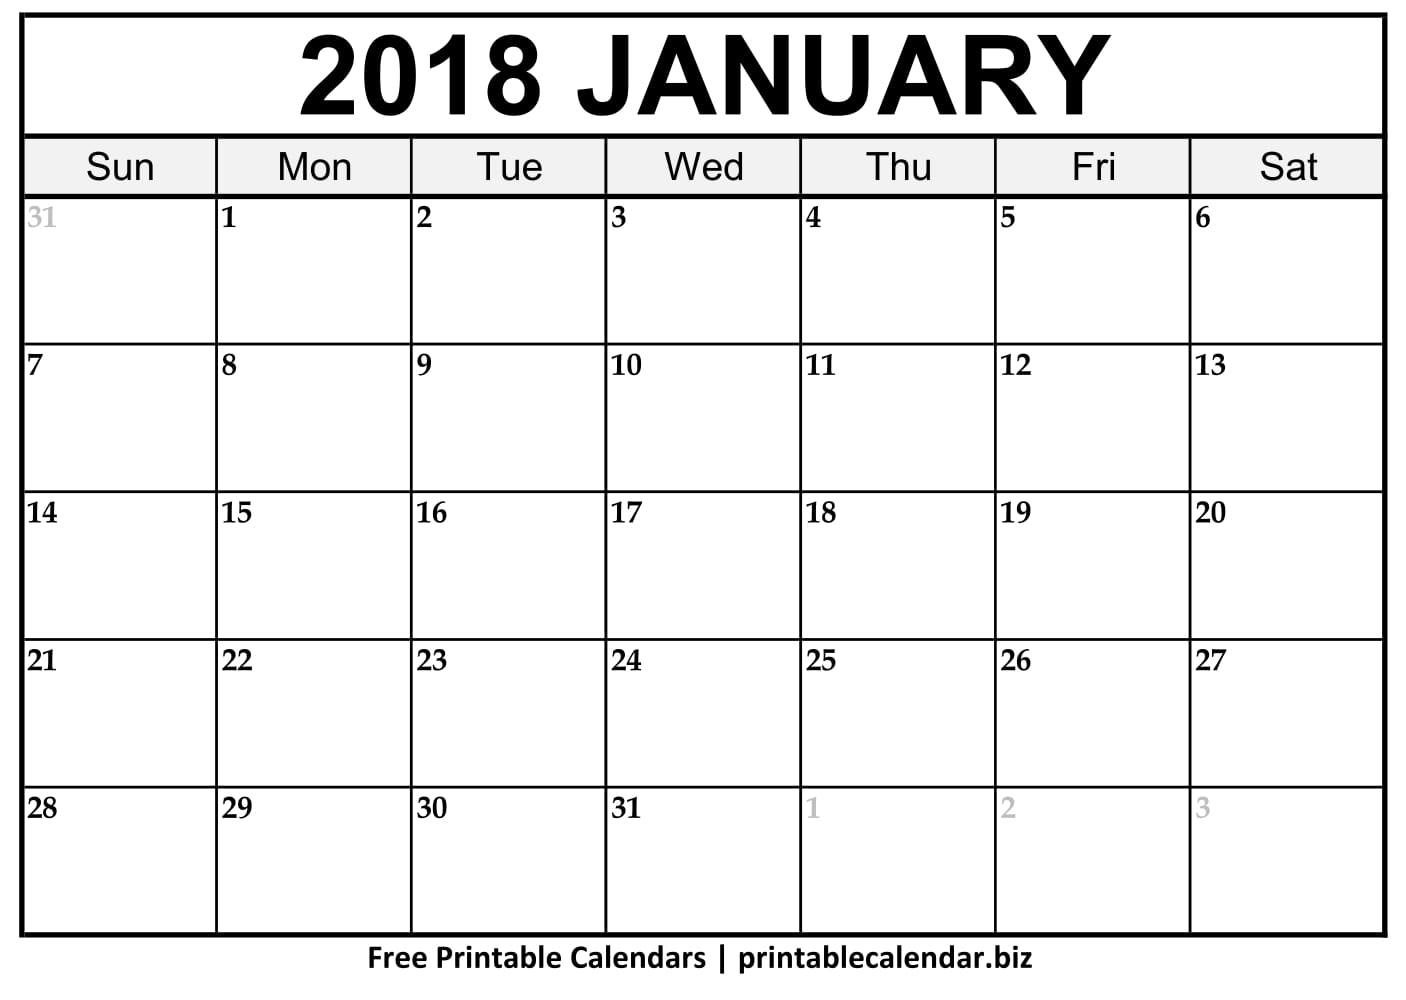 January 2019 Calendar - Printablecalendar.biz